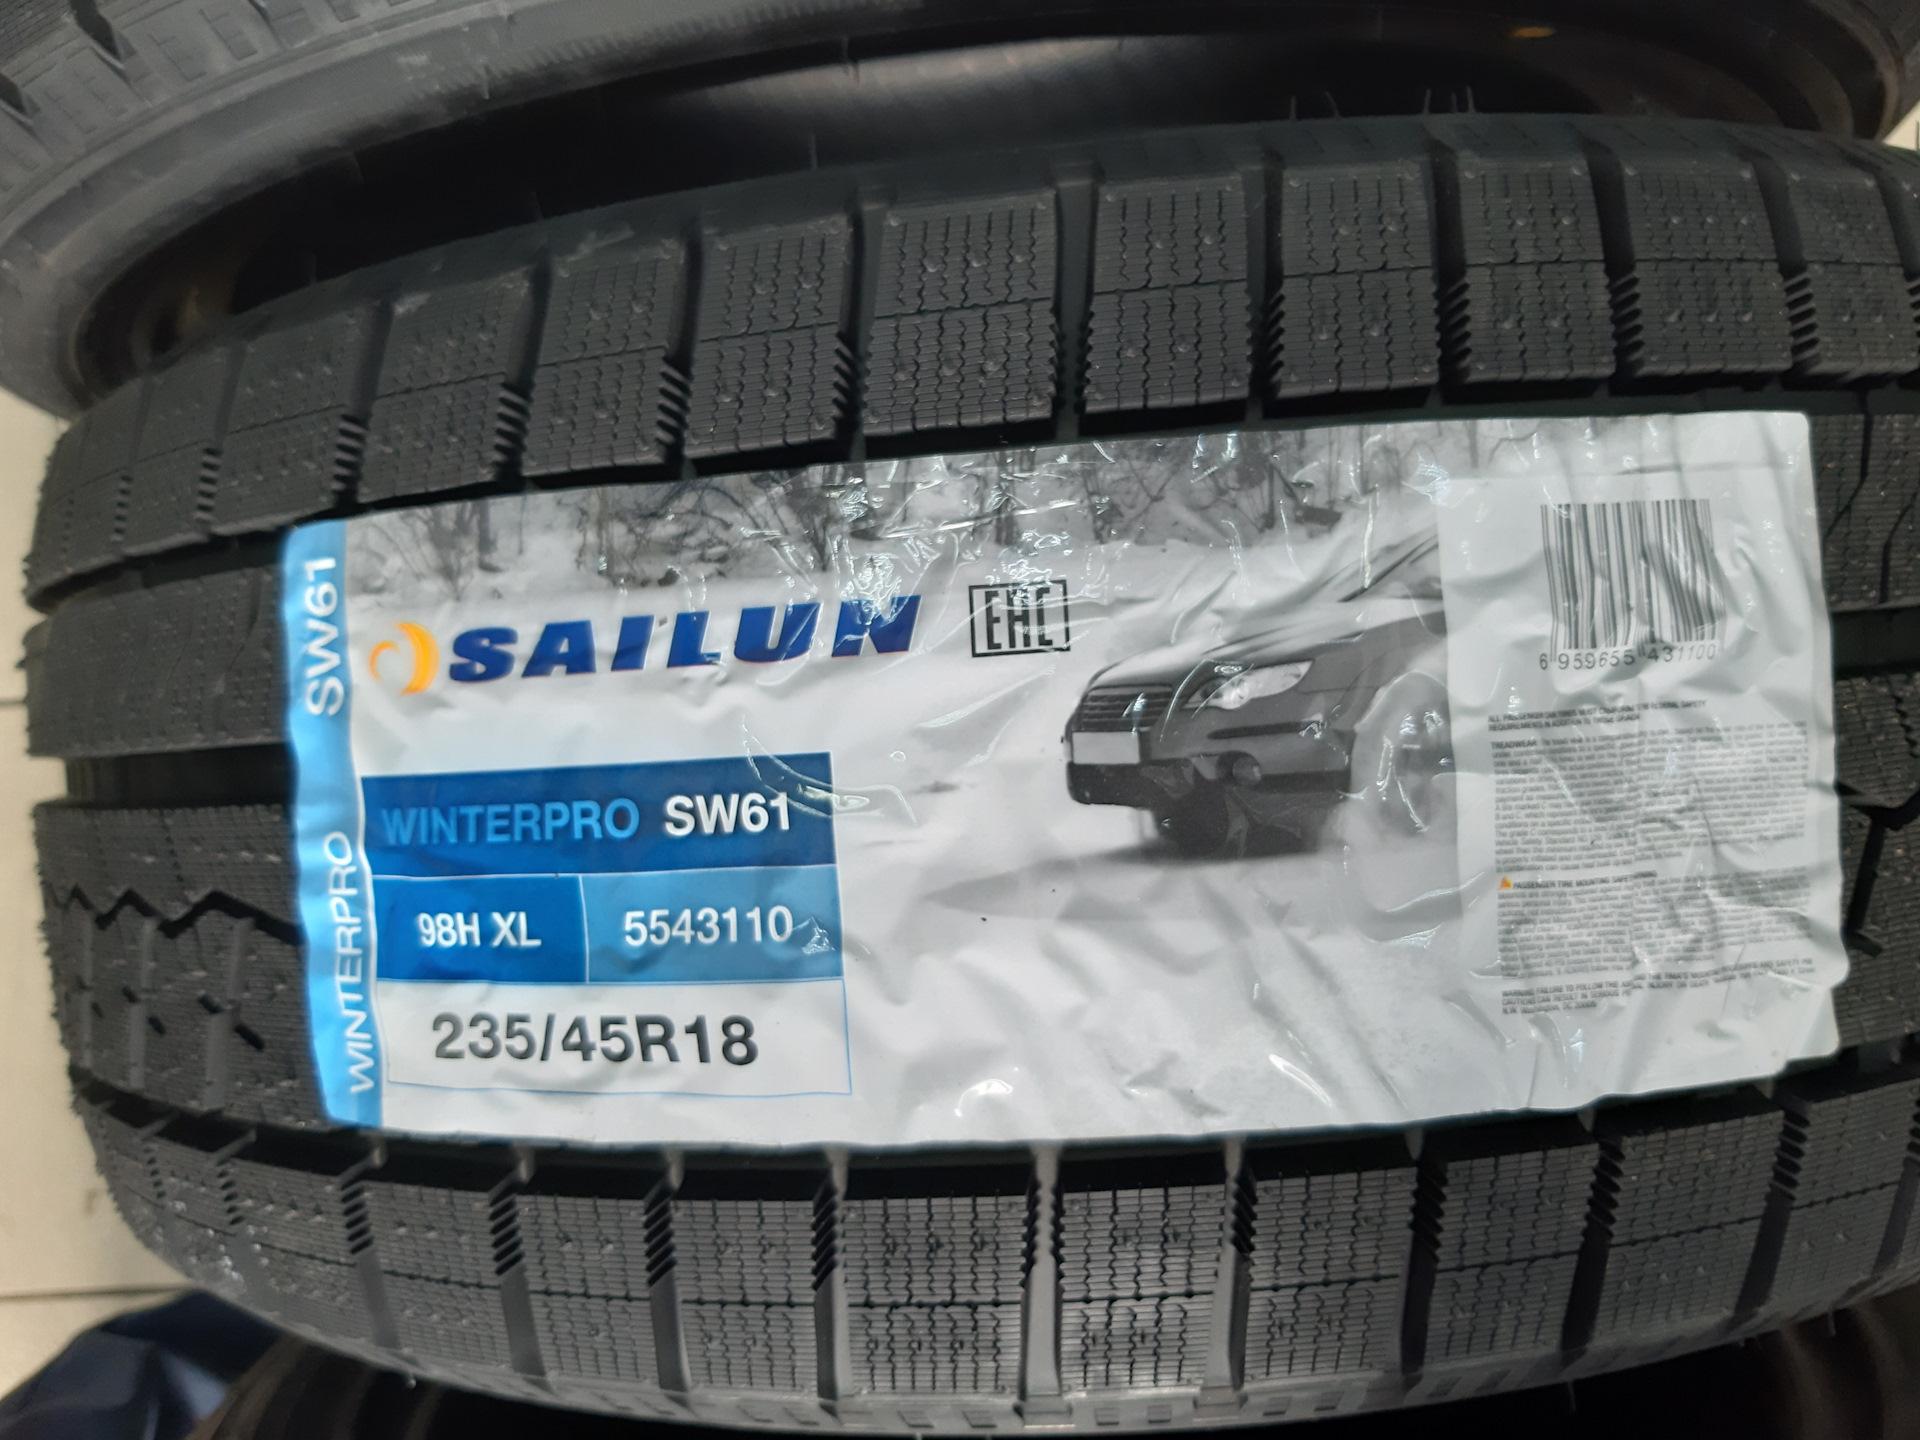 шины sailun winterpro sw61 отзывы